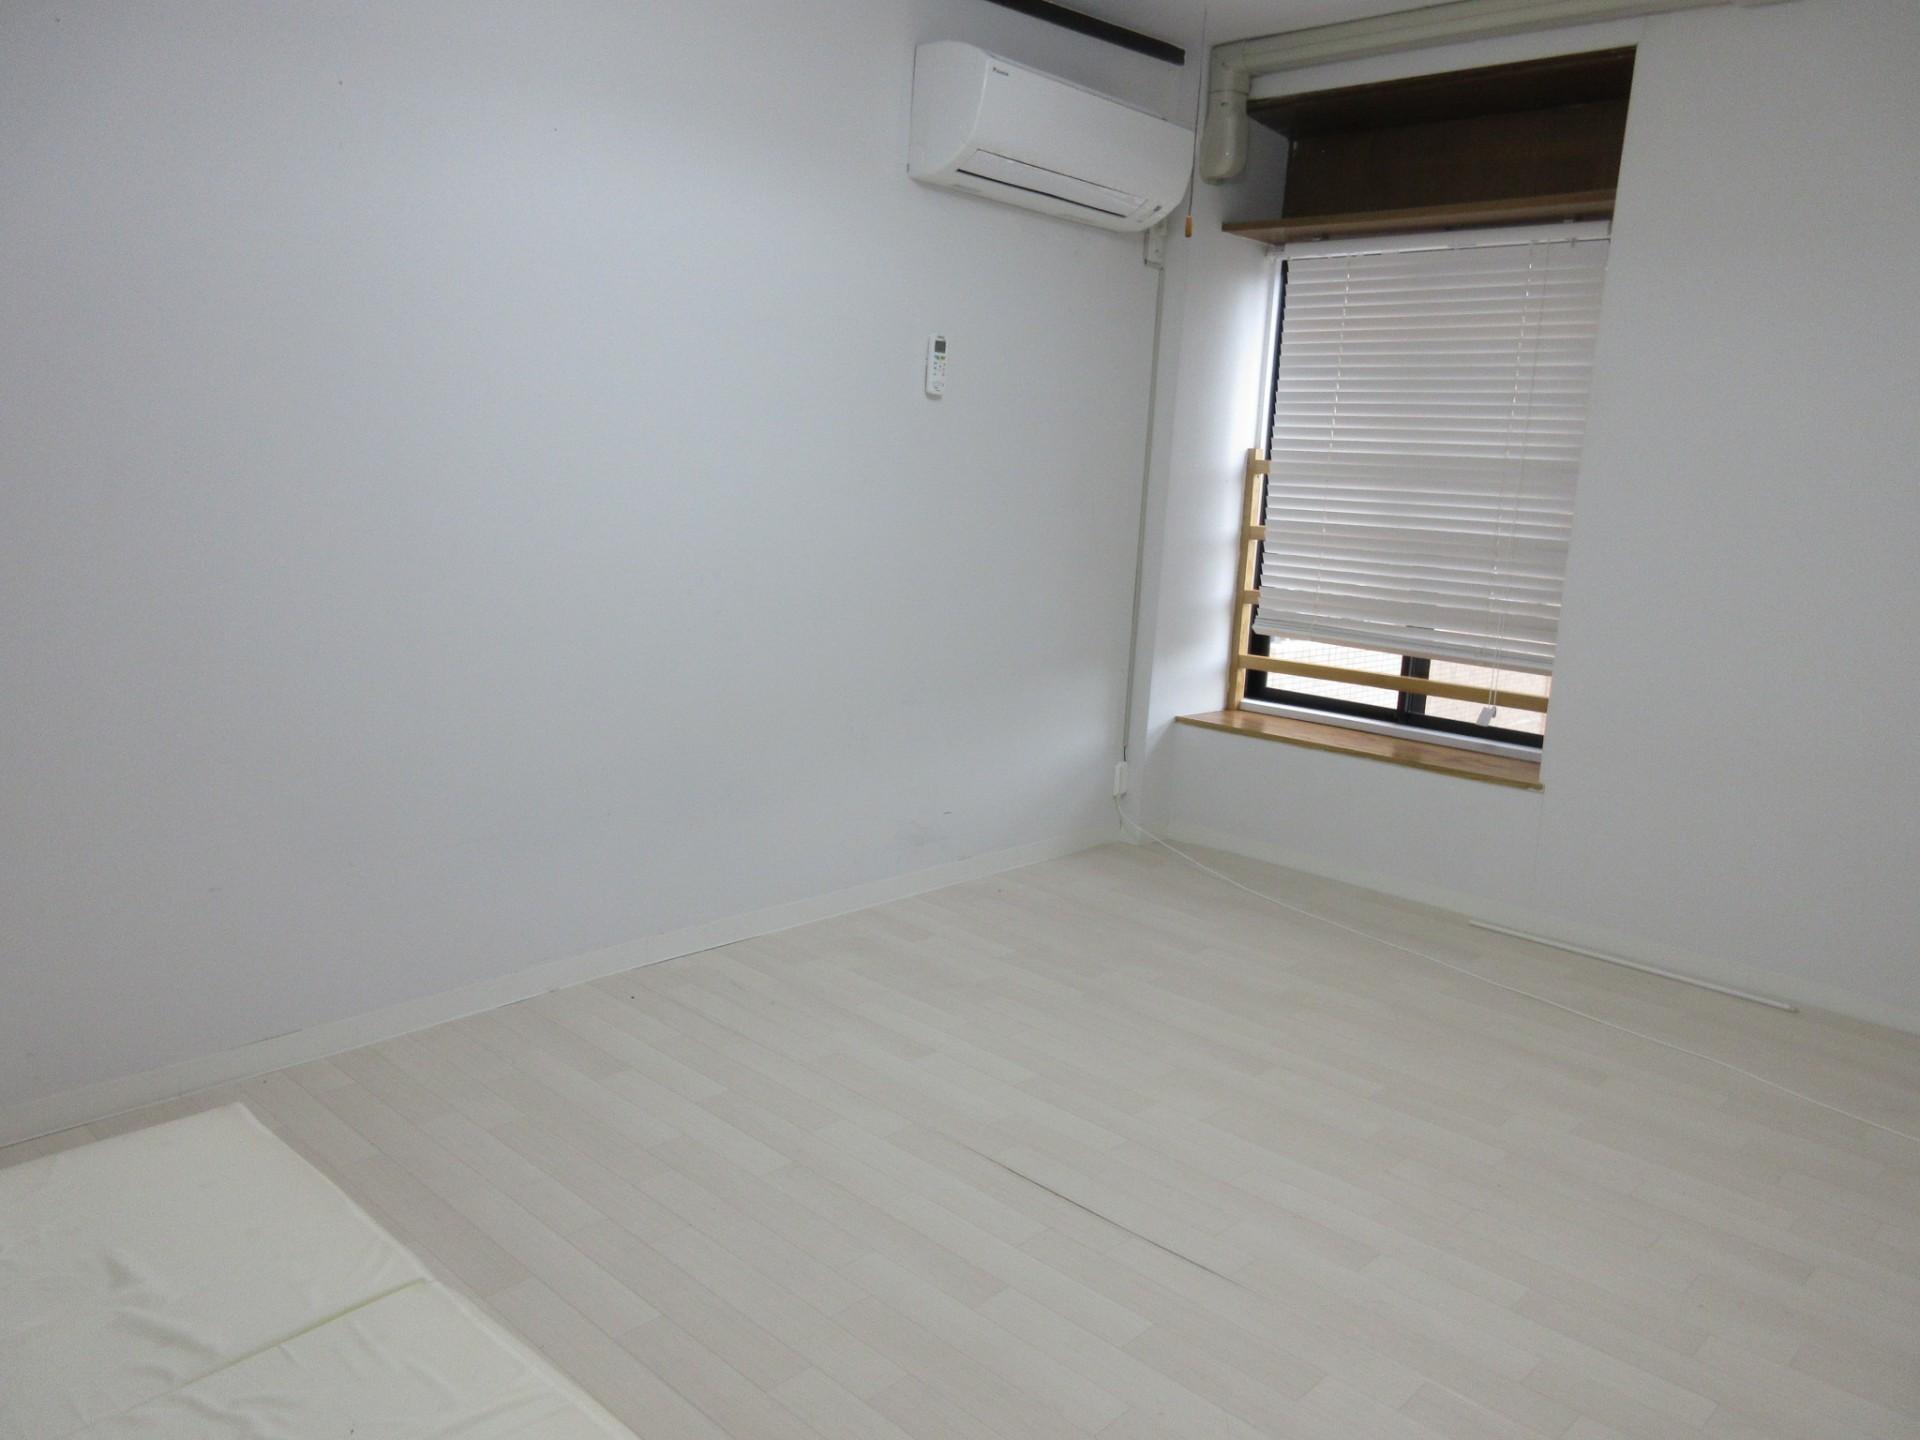 空き部屋はこの部屋のみ。下記地図の「個室4」です。